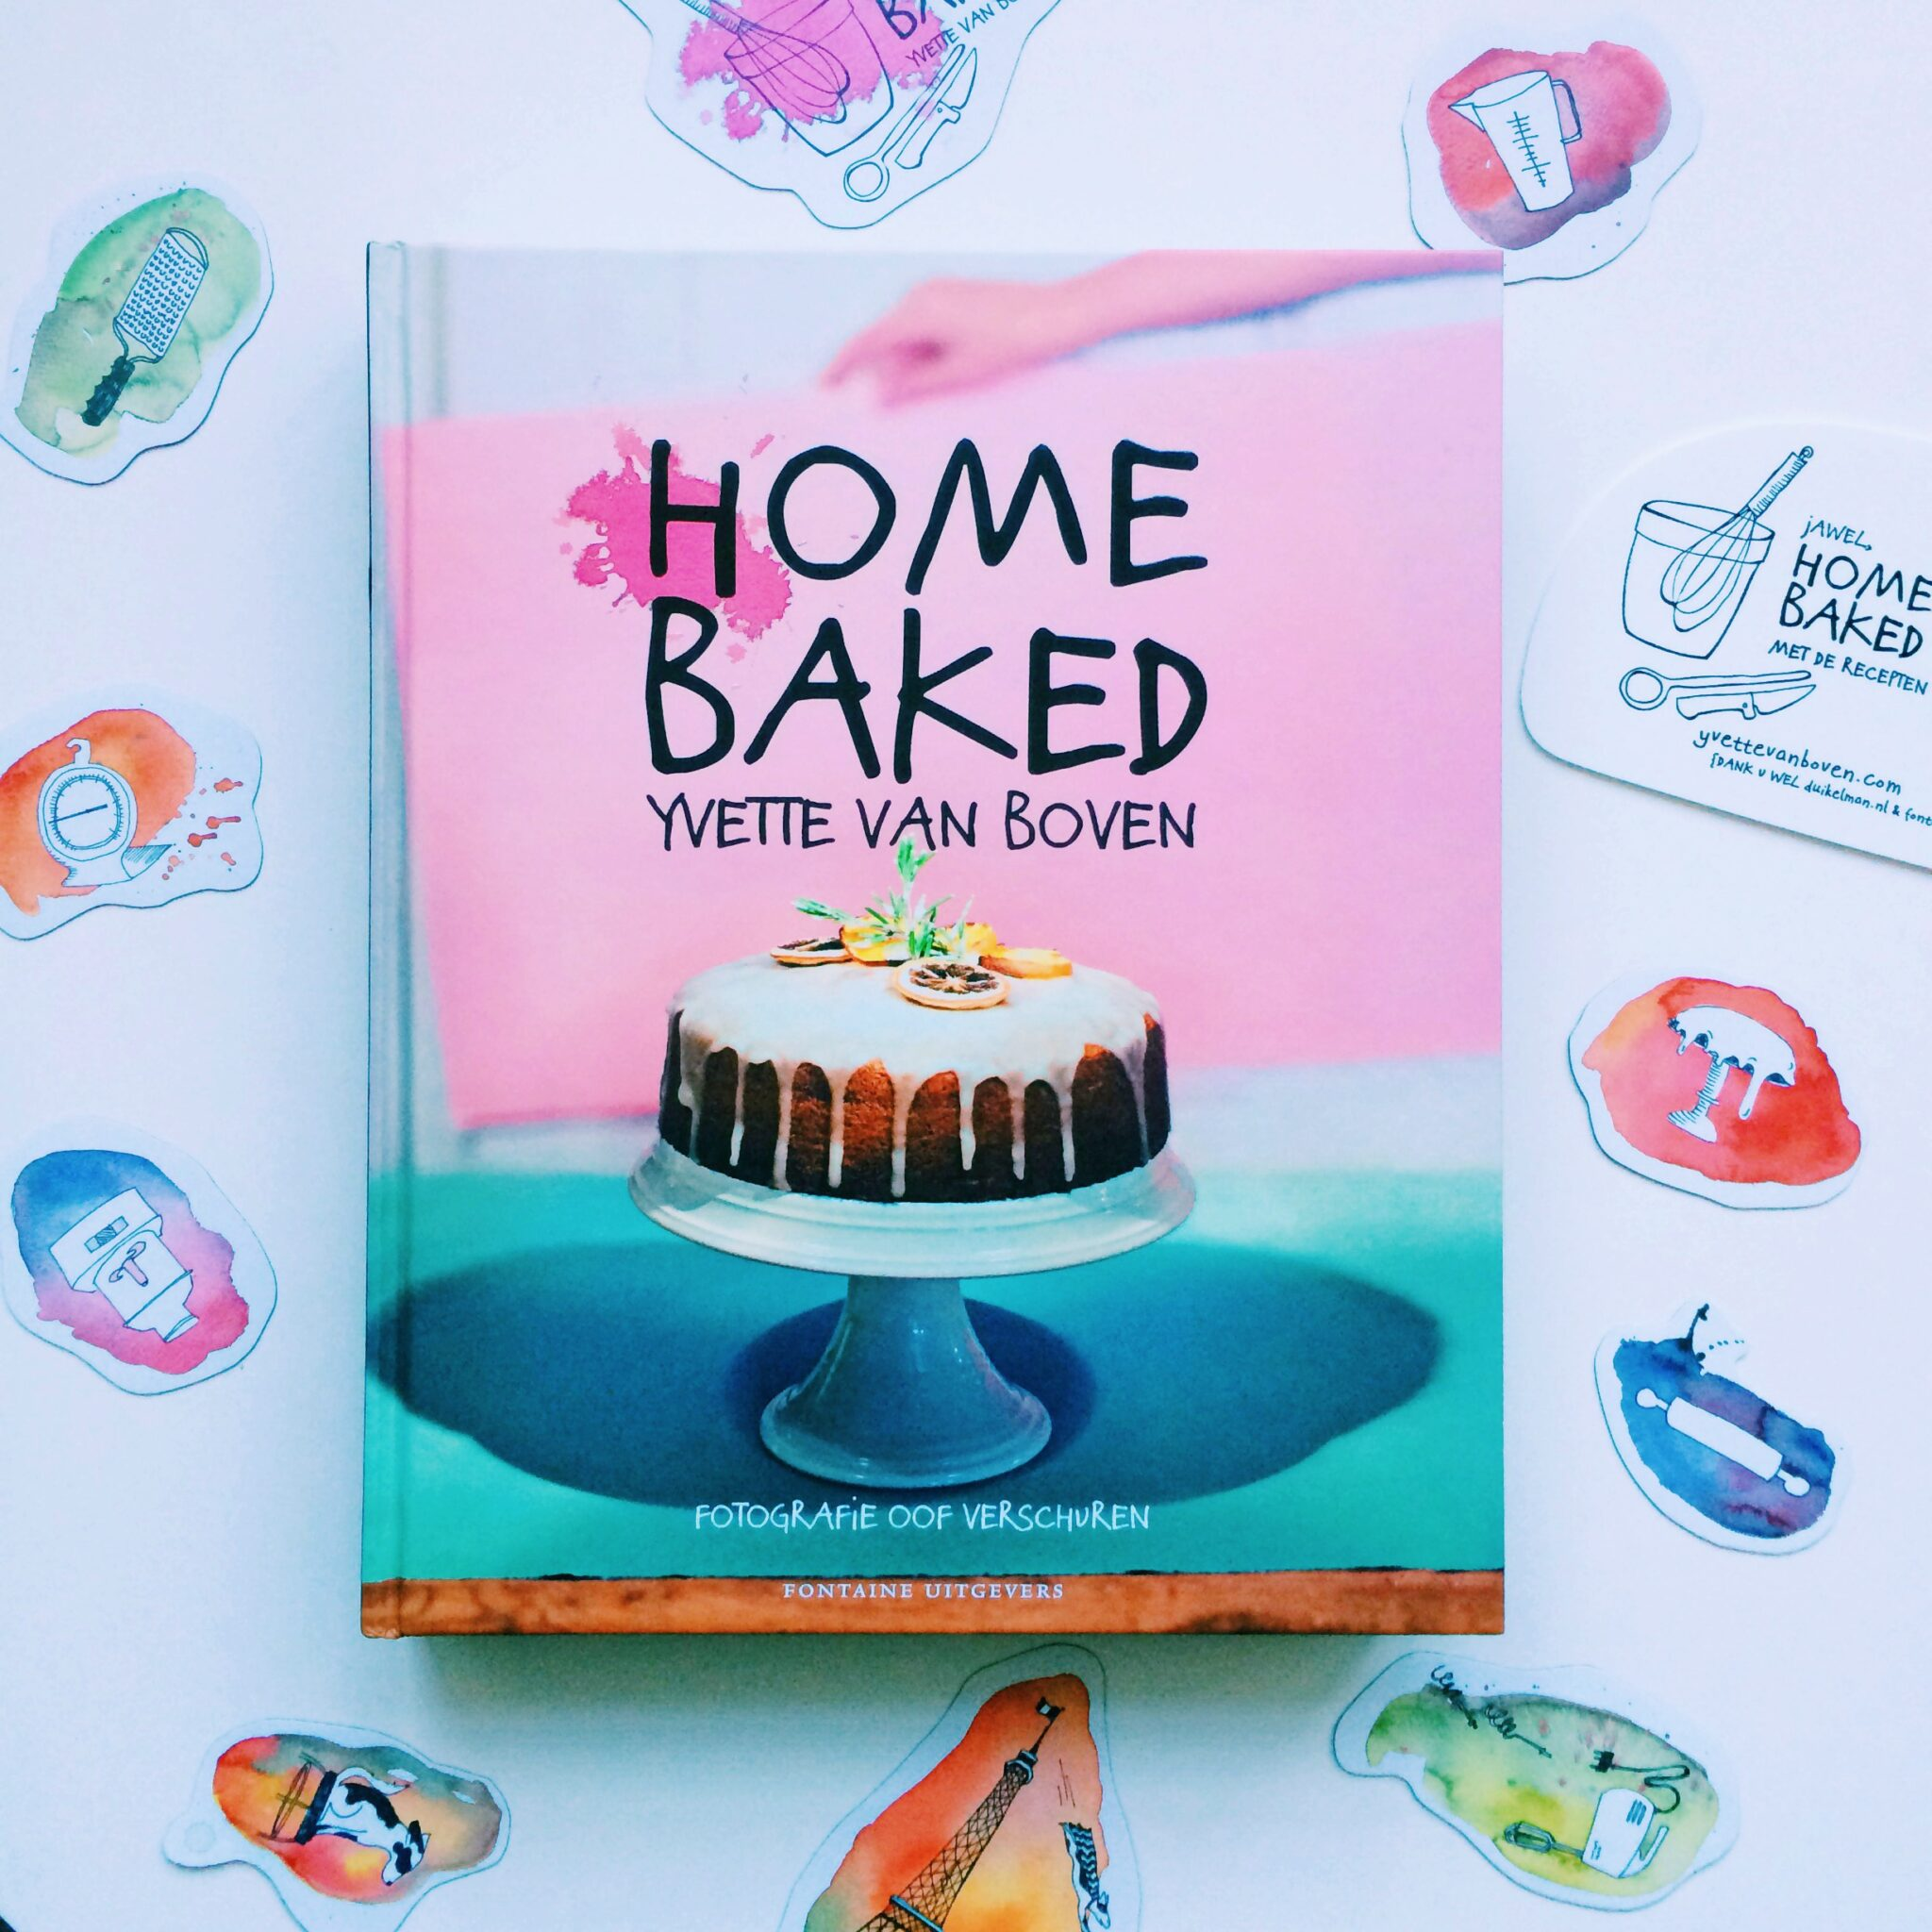 IMG 7253 - Home Baked by Yvette van Boven